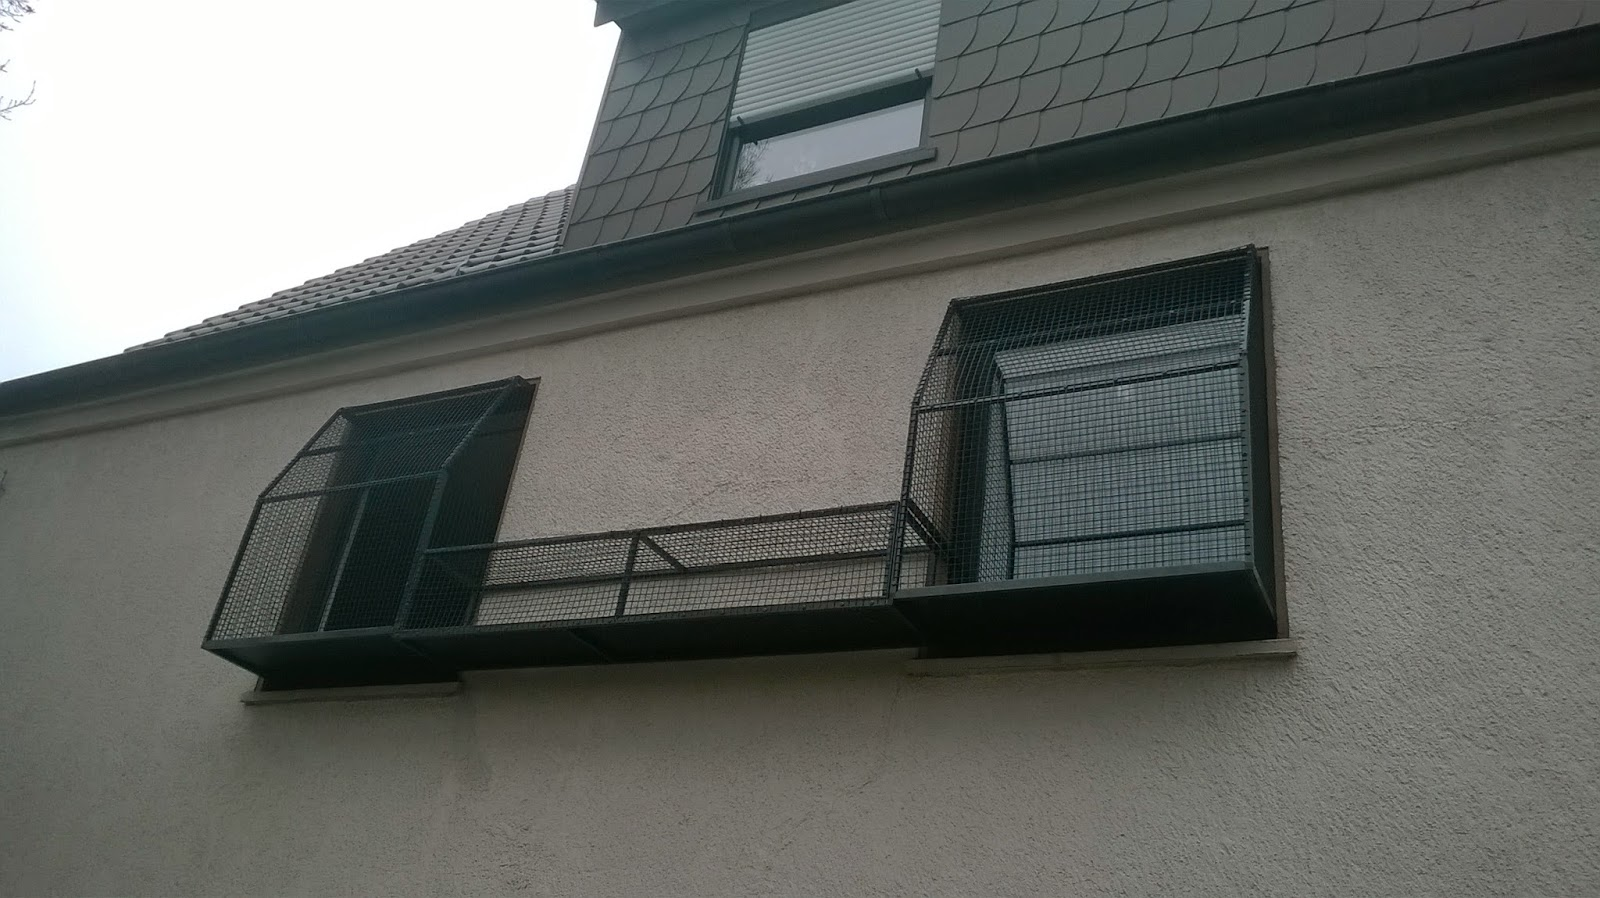 katzennetz nrw die adresse f r ein katzennetz. Black Bedroom Furniture Sets. Home Design Ideas